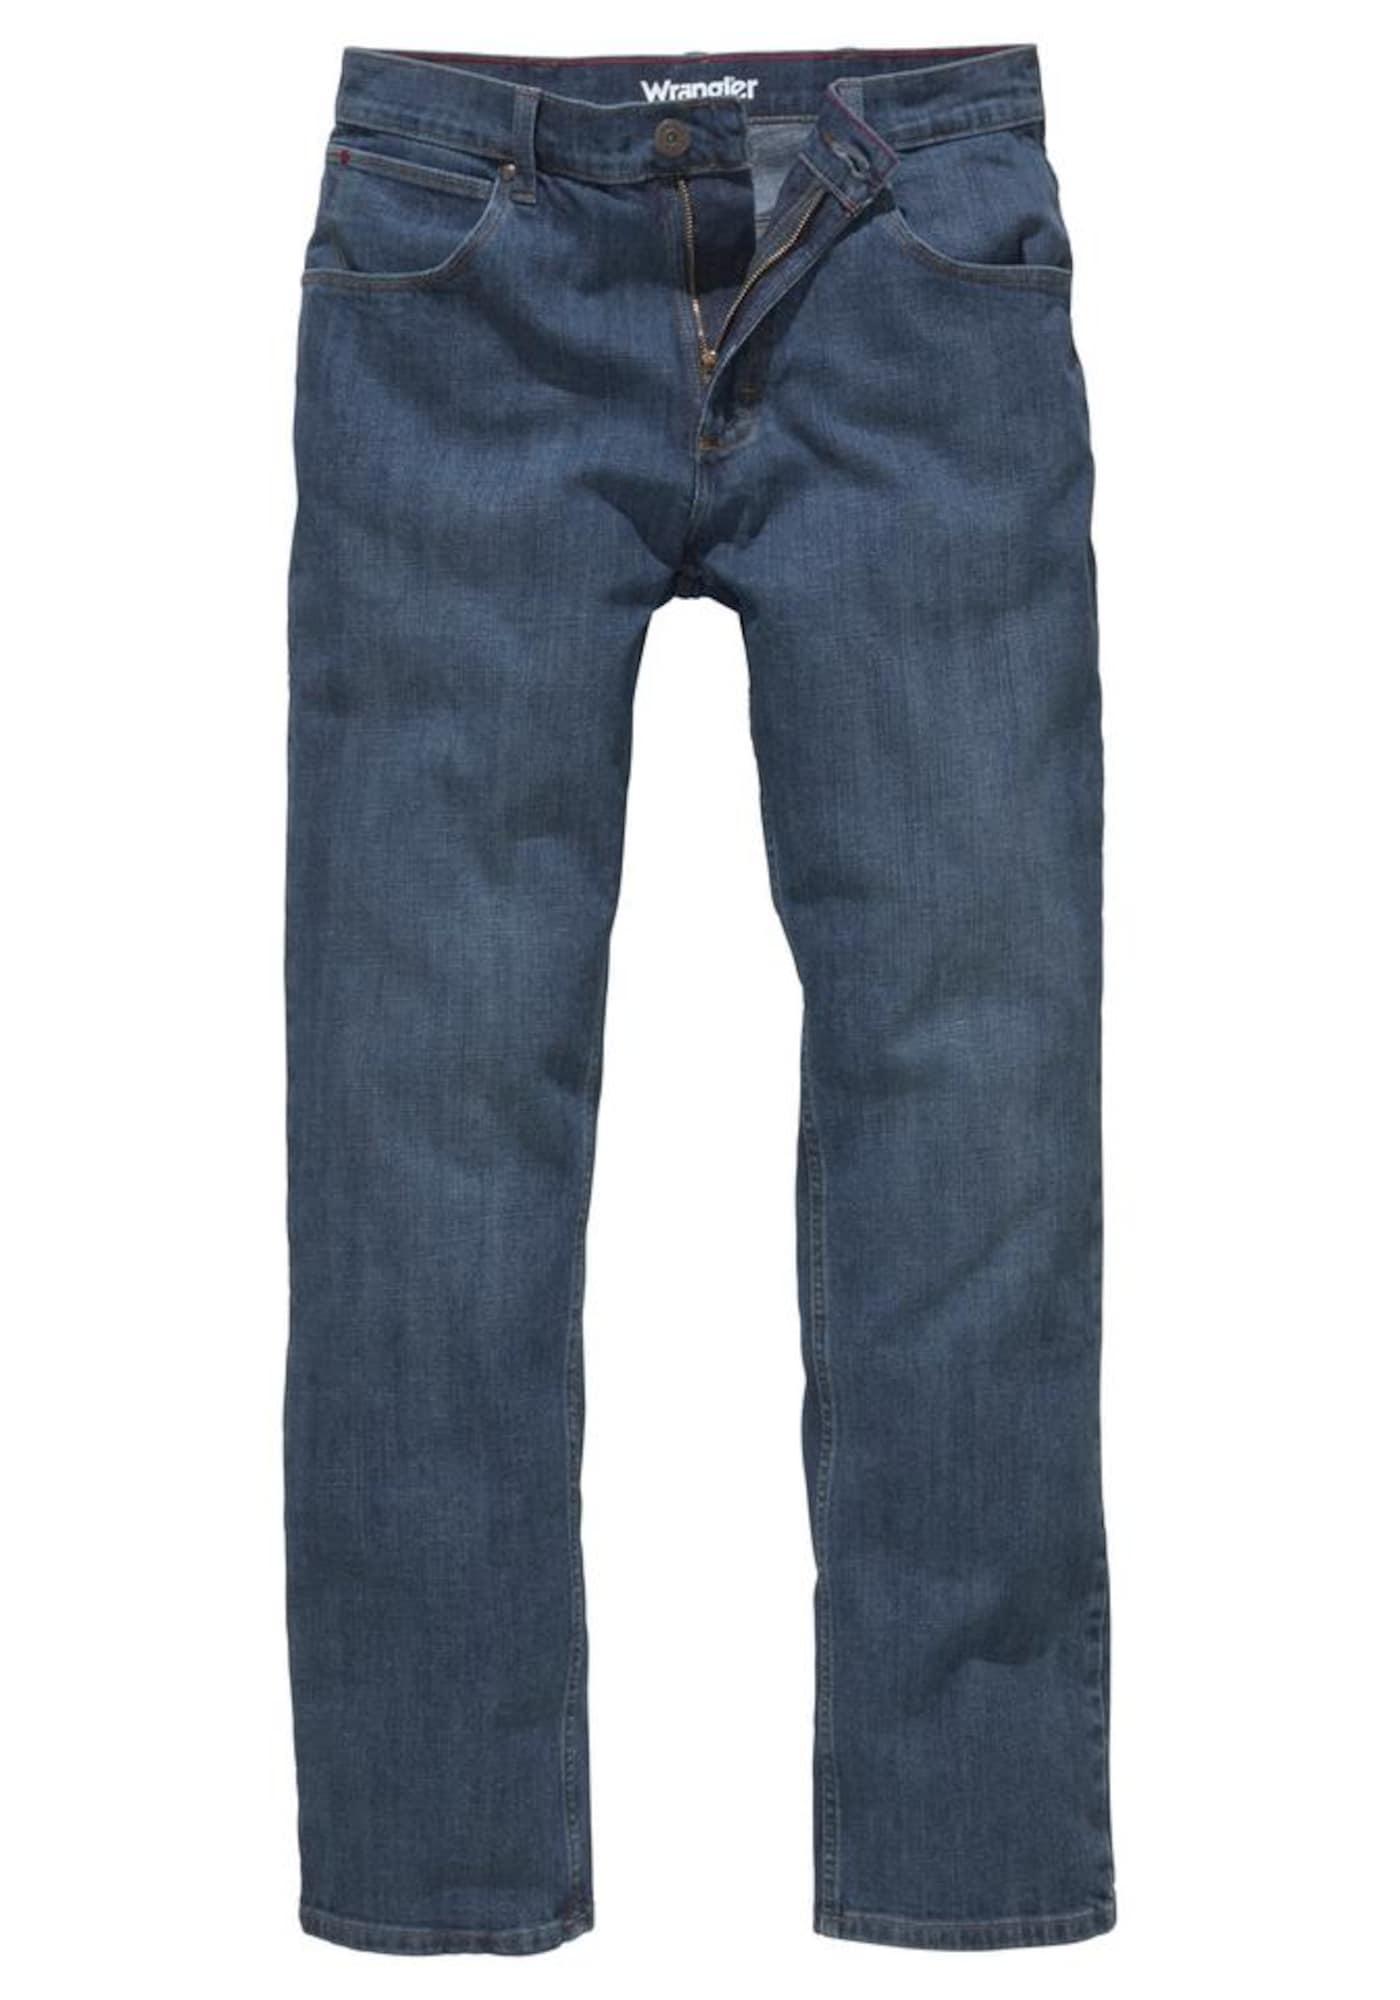 Herren Wrangler Jeans 'Authentic Straight' blau, grün,  weiß, indigo, schwarz   05400852558028